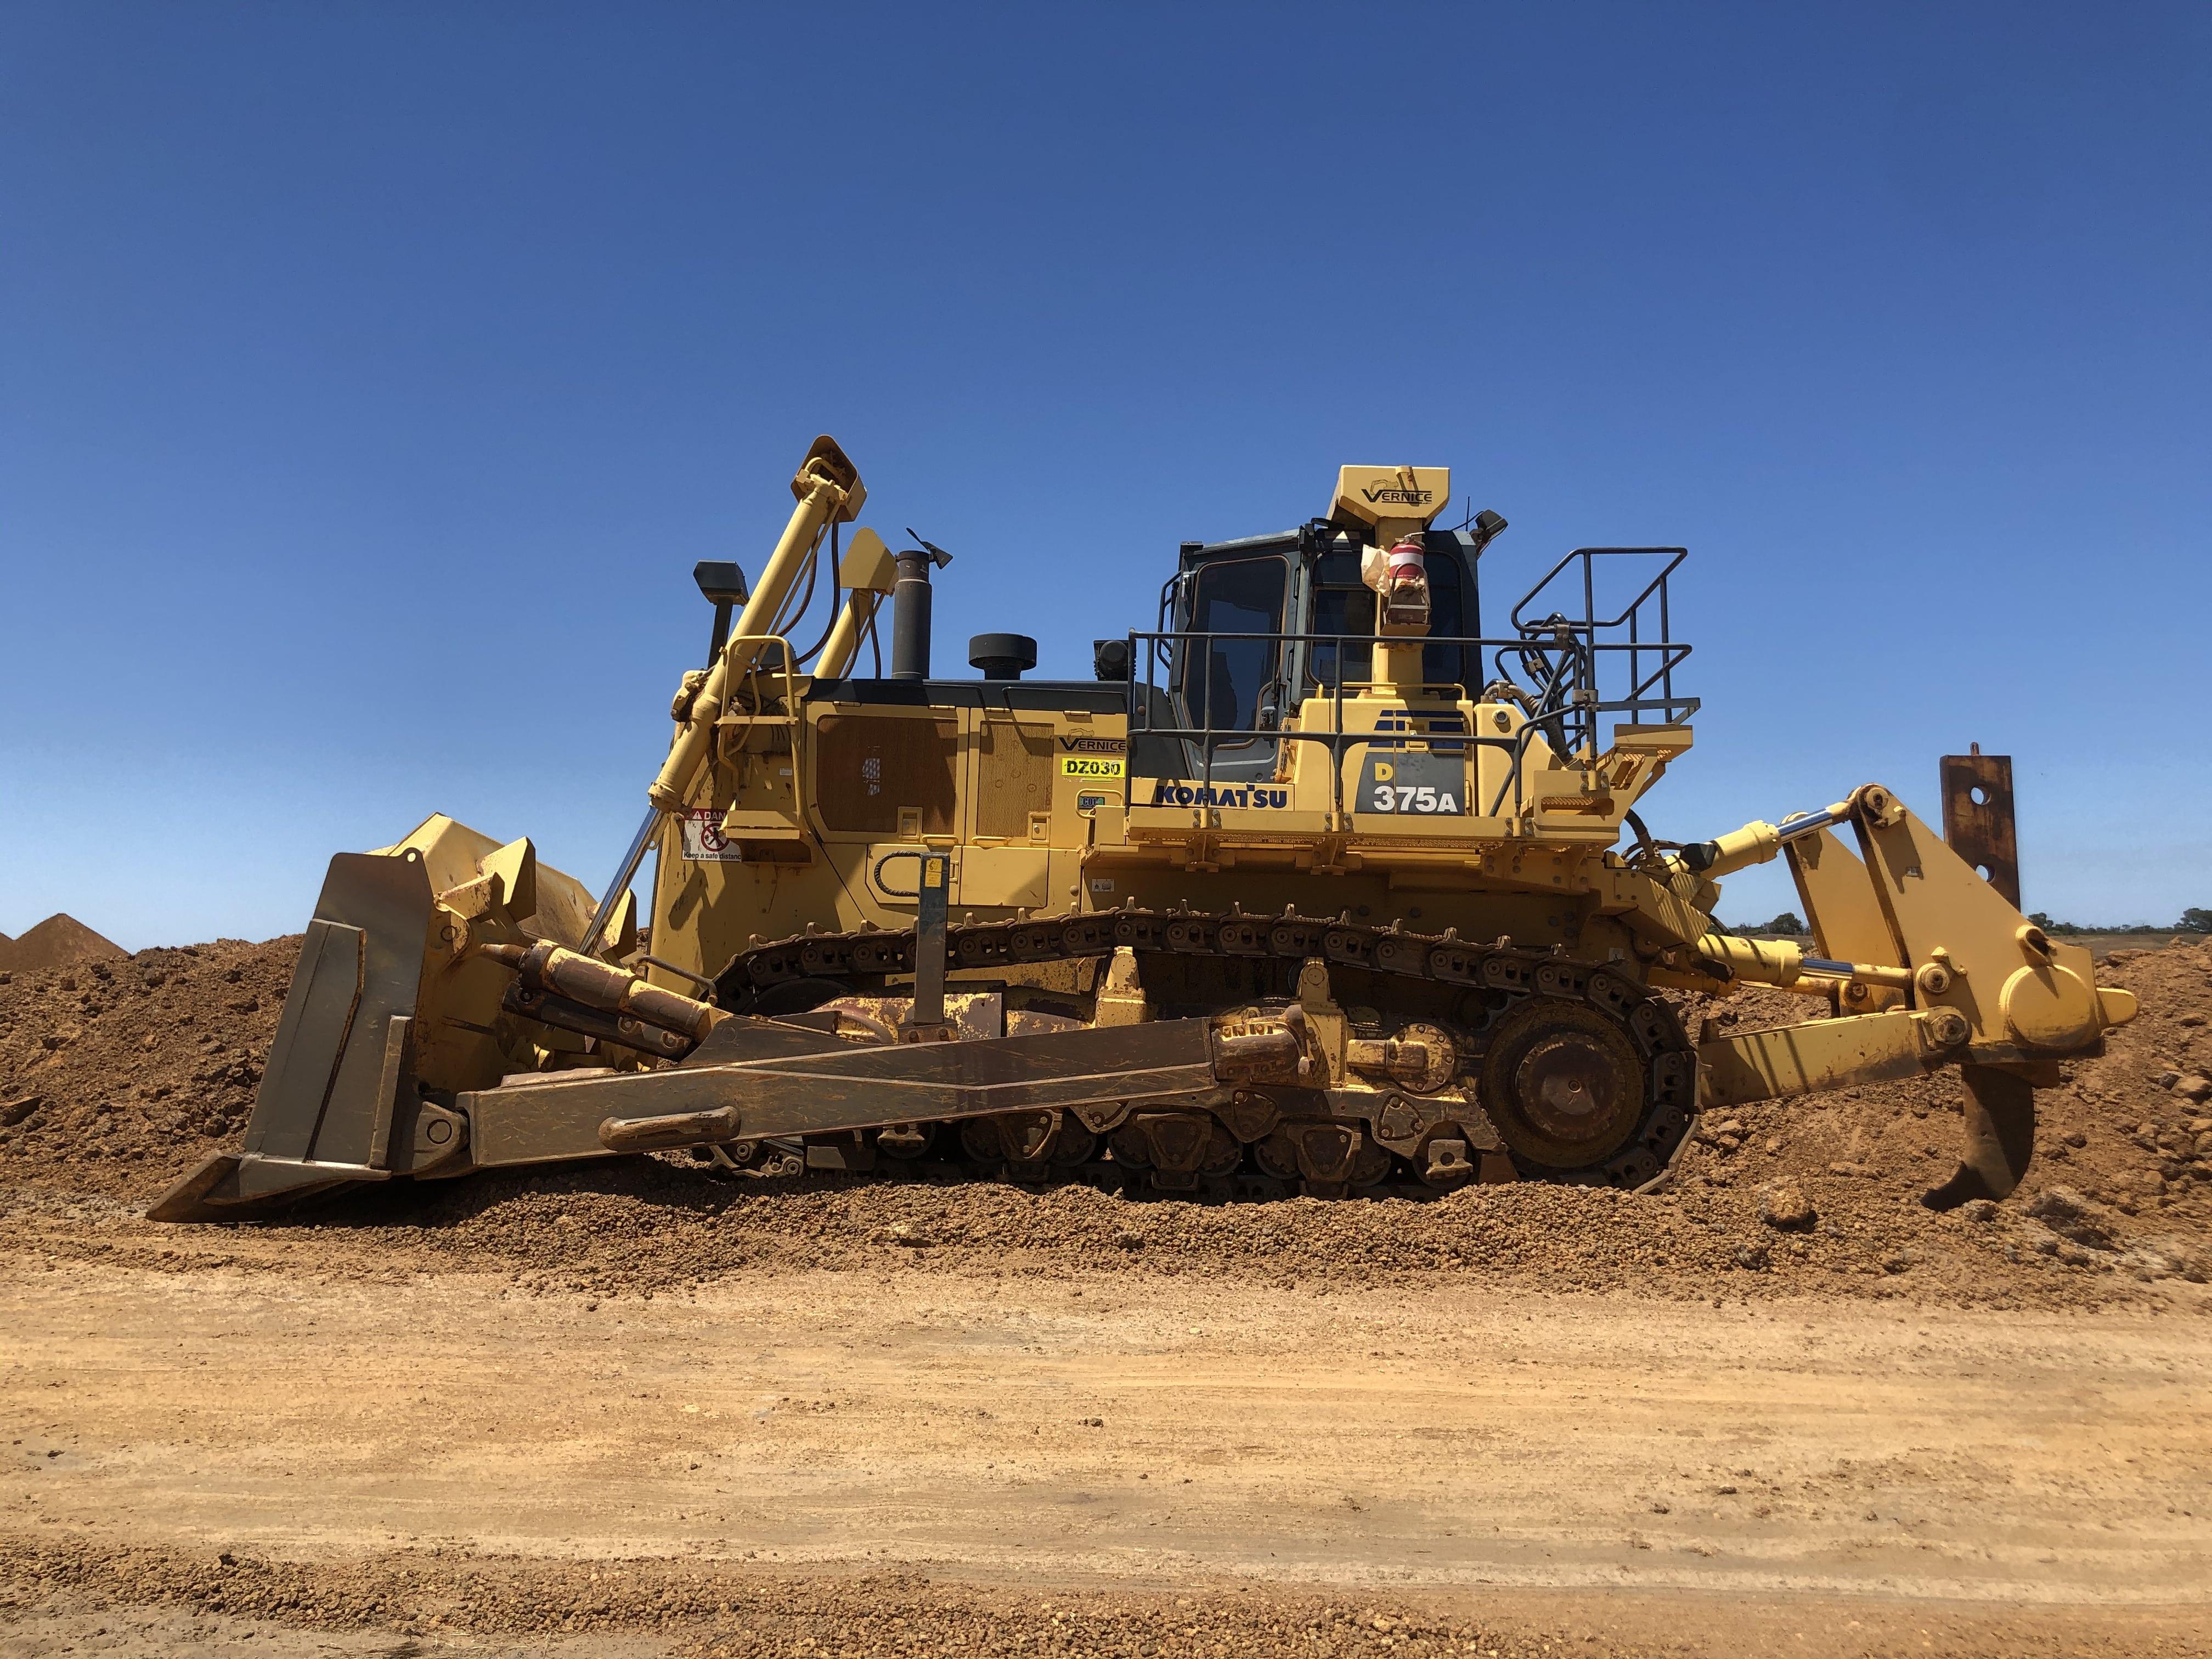 vernice-D375-dozer-hire-perth-western-australia